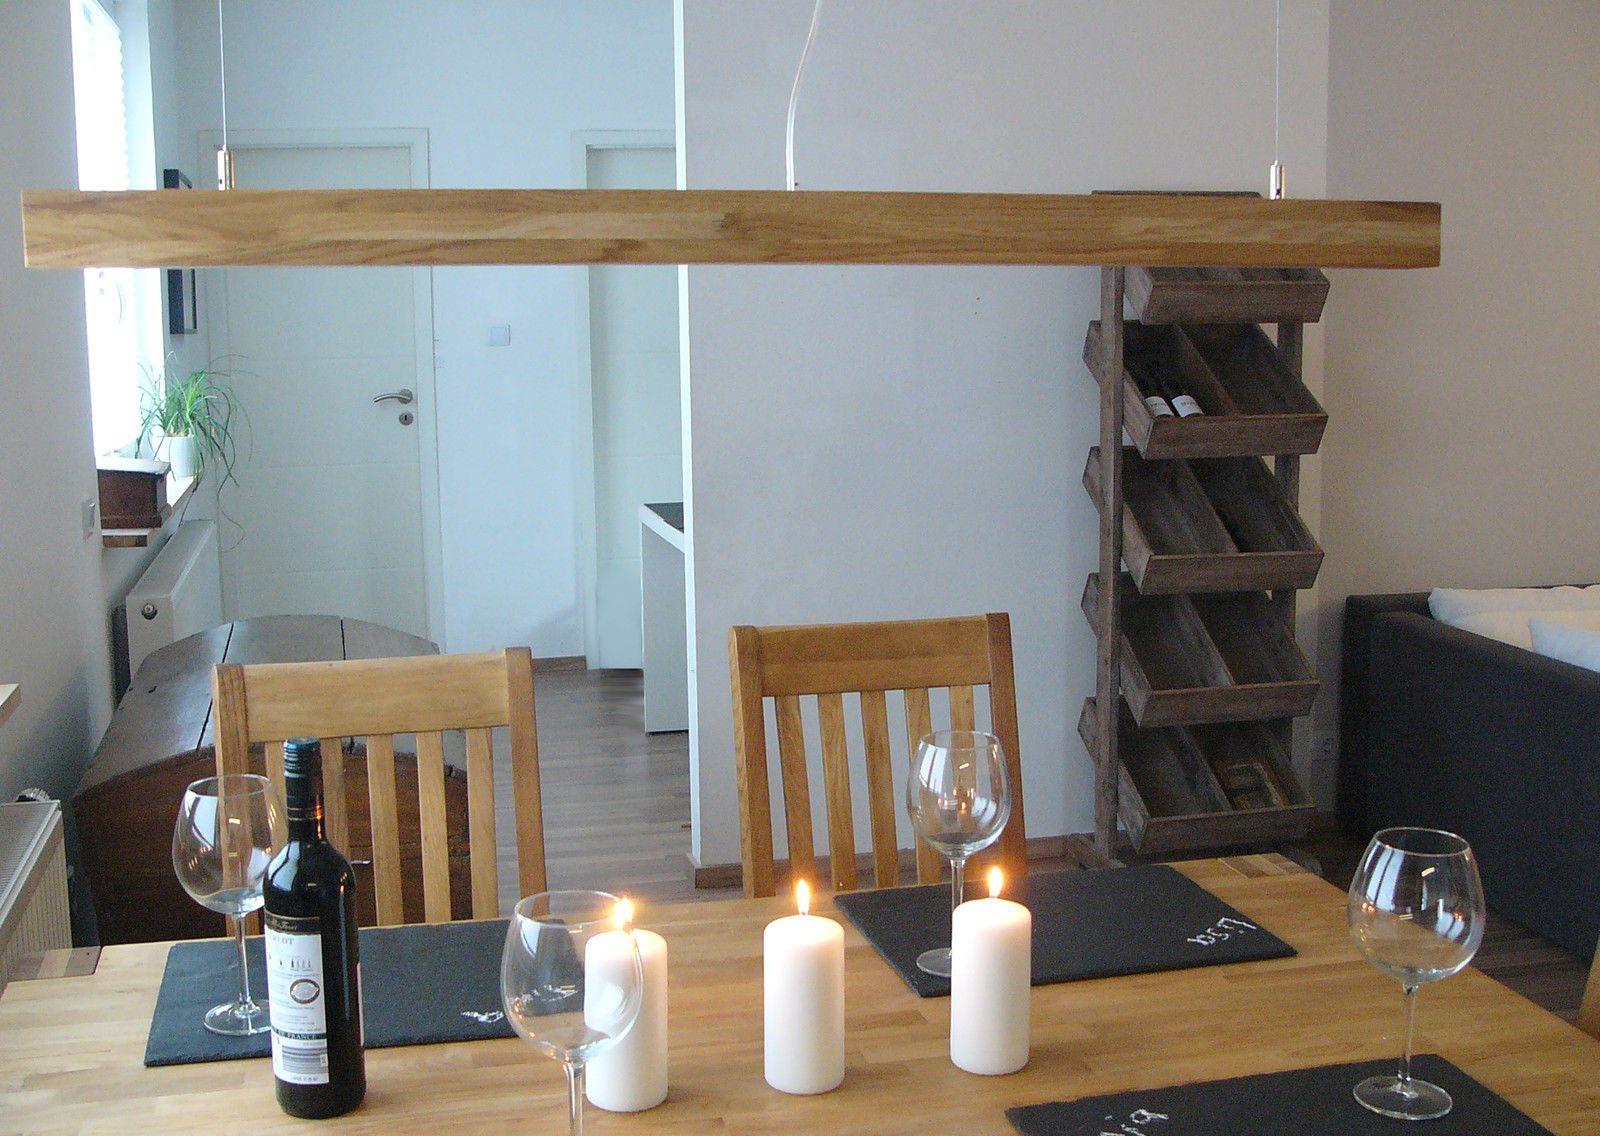 Hangeleuchte Holz Eiche Geolt Inkl Leds Eichenlampe Deckenlampe Holzleuchte Ebay Hangeleuchte Holz Eiche Geolt Holzleuchte